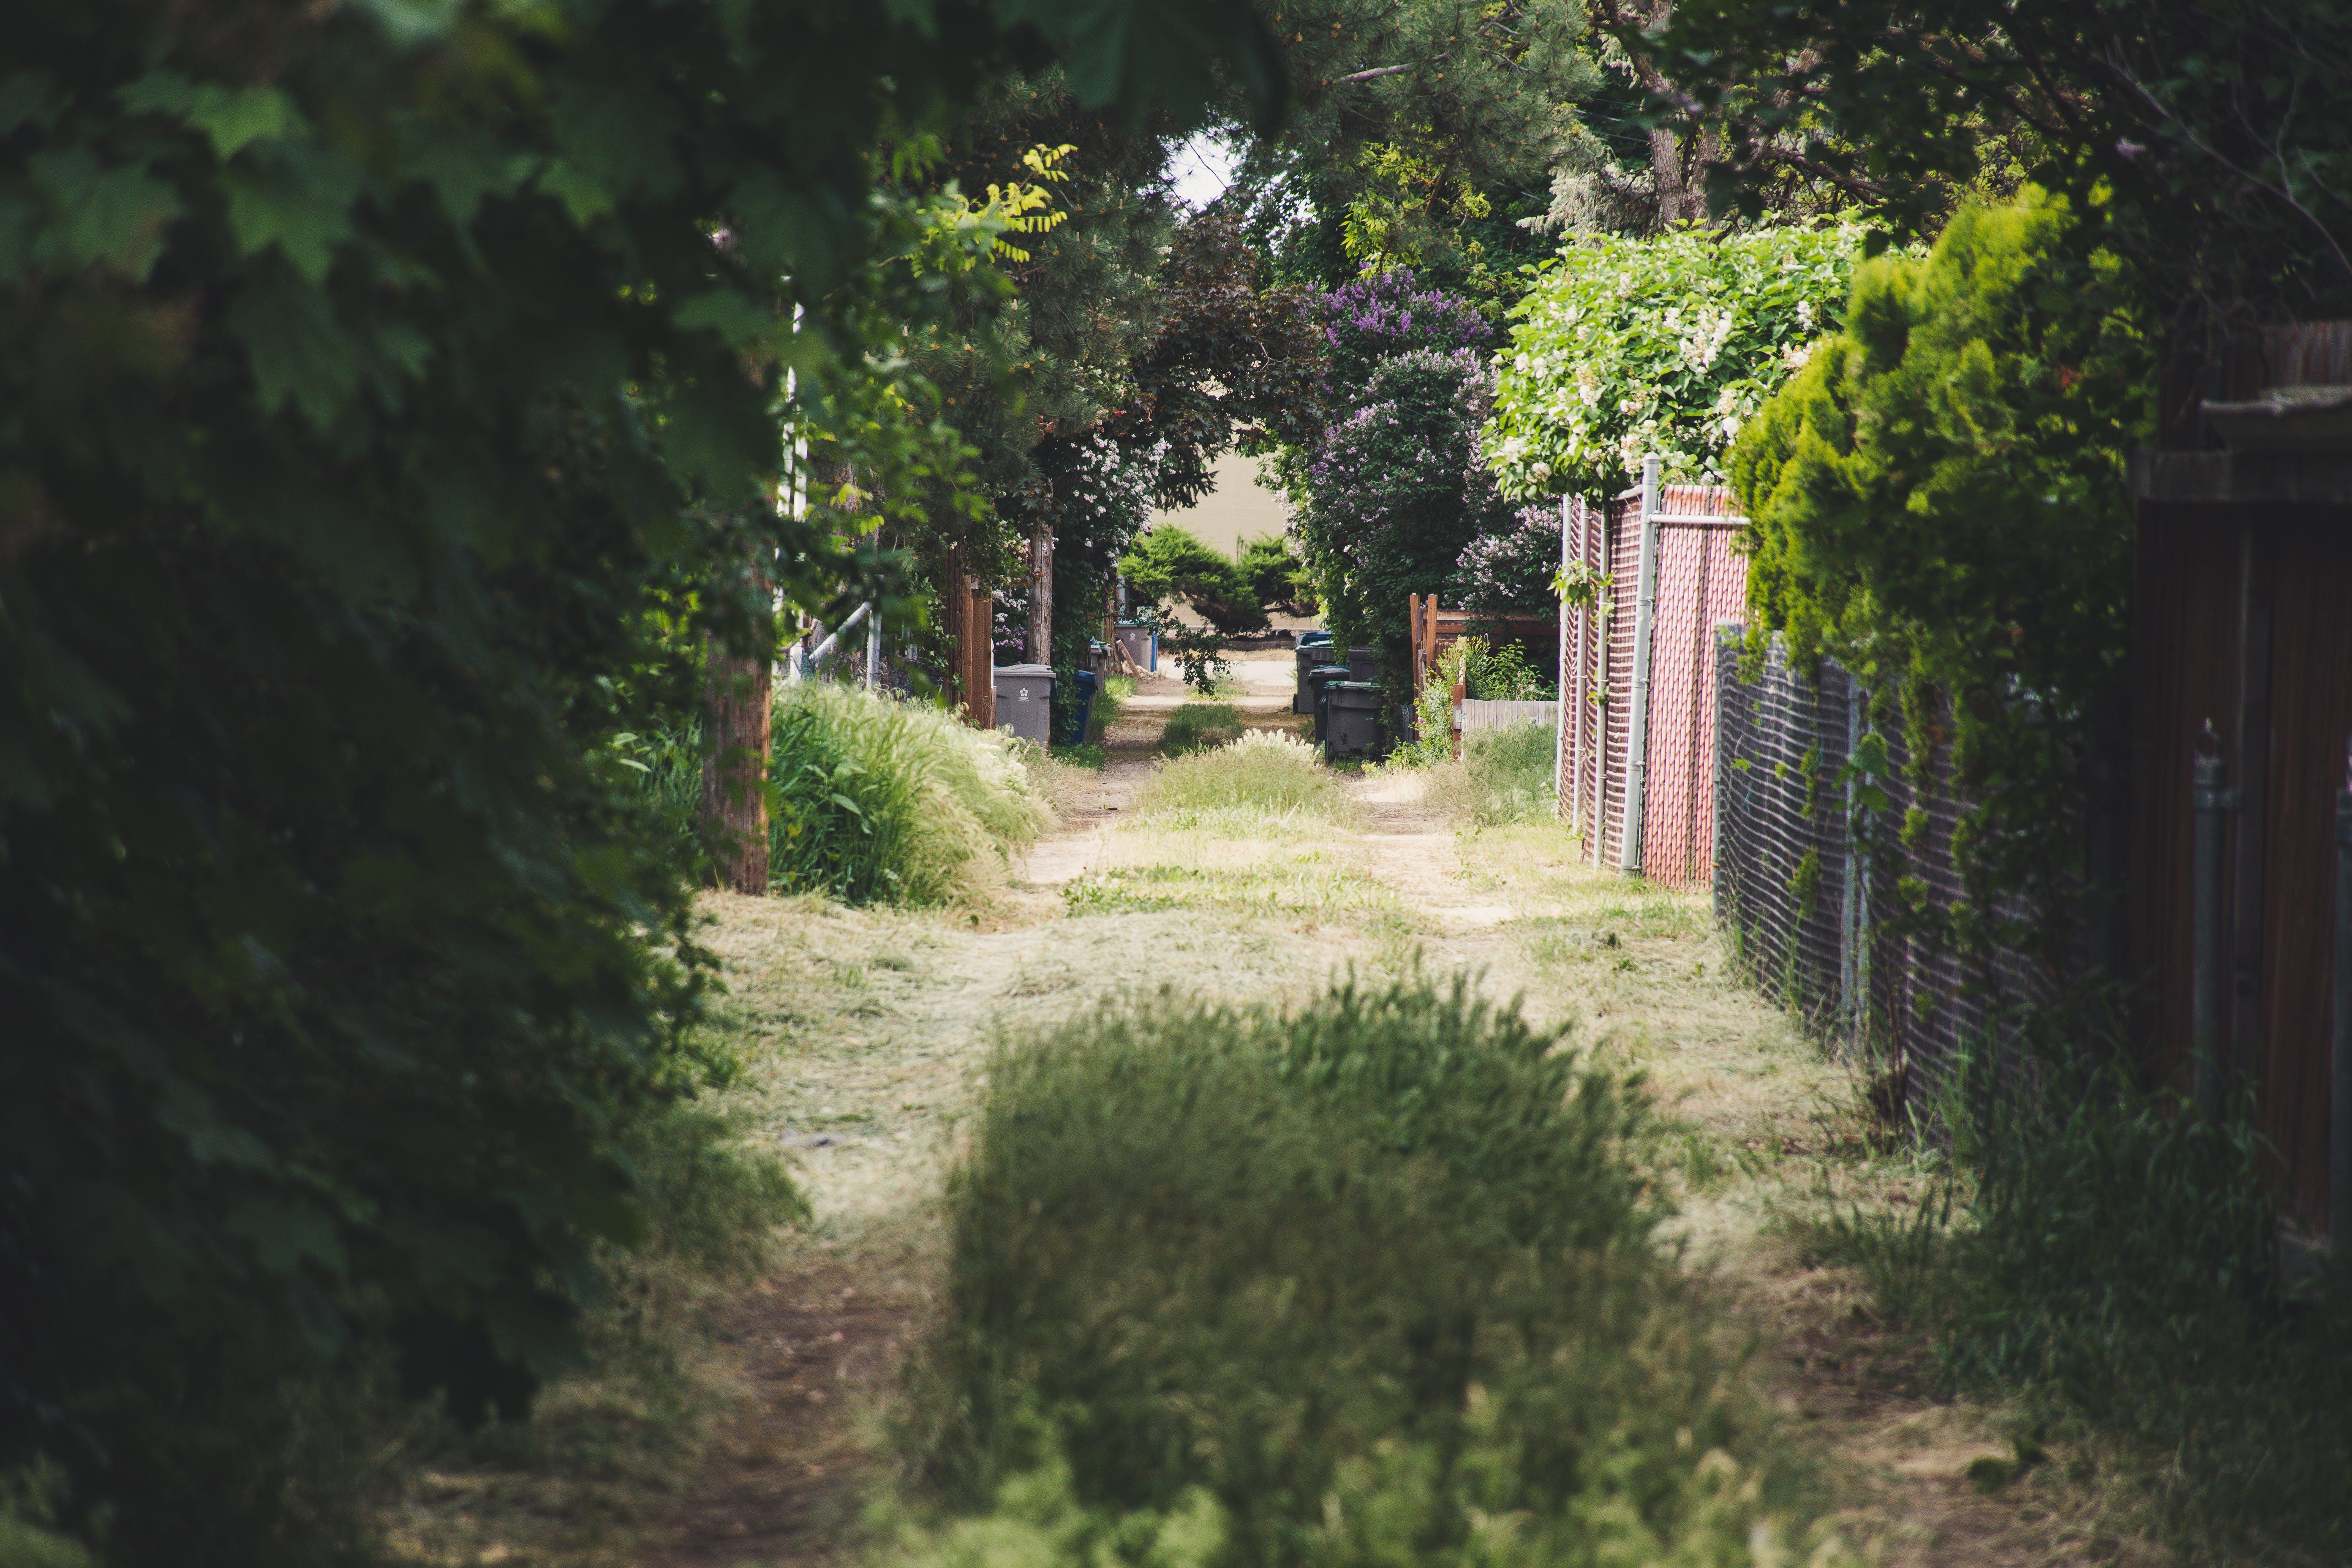 Foto d'estoc gratuïta de arbres, arquitectura, carretera, clareja